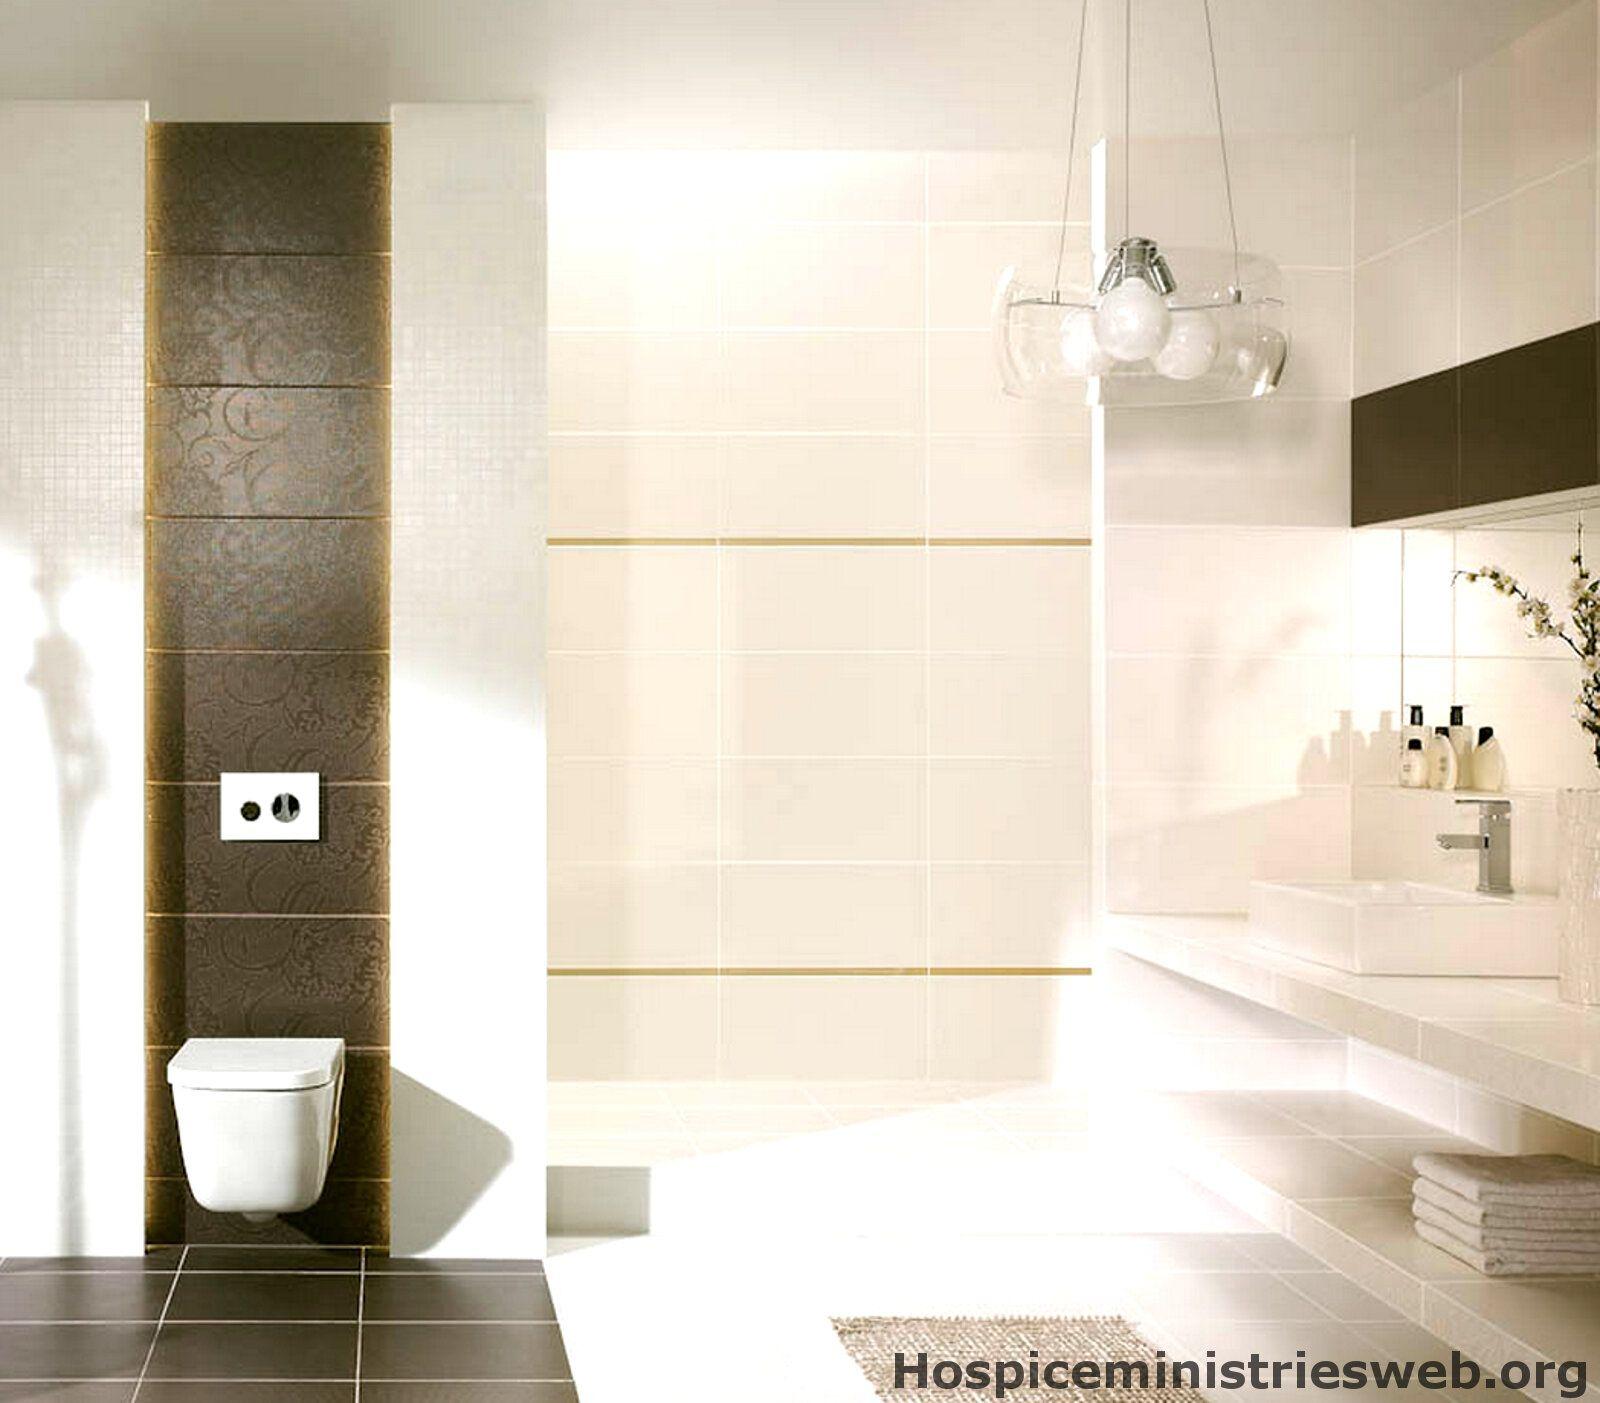 35 Ideen Fur Badezimmer Braun Beige Wohn Ideen Badezimmer Braun Badezimmer Fliesen Badezimmer Beispiele